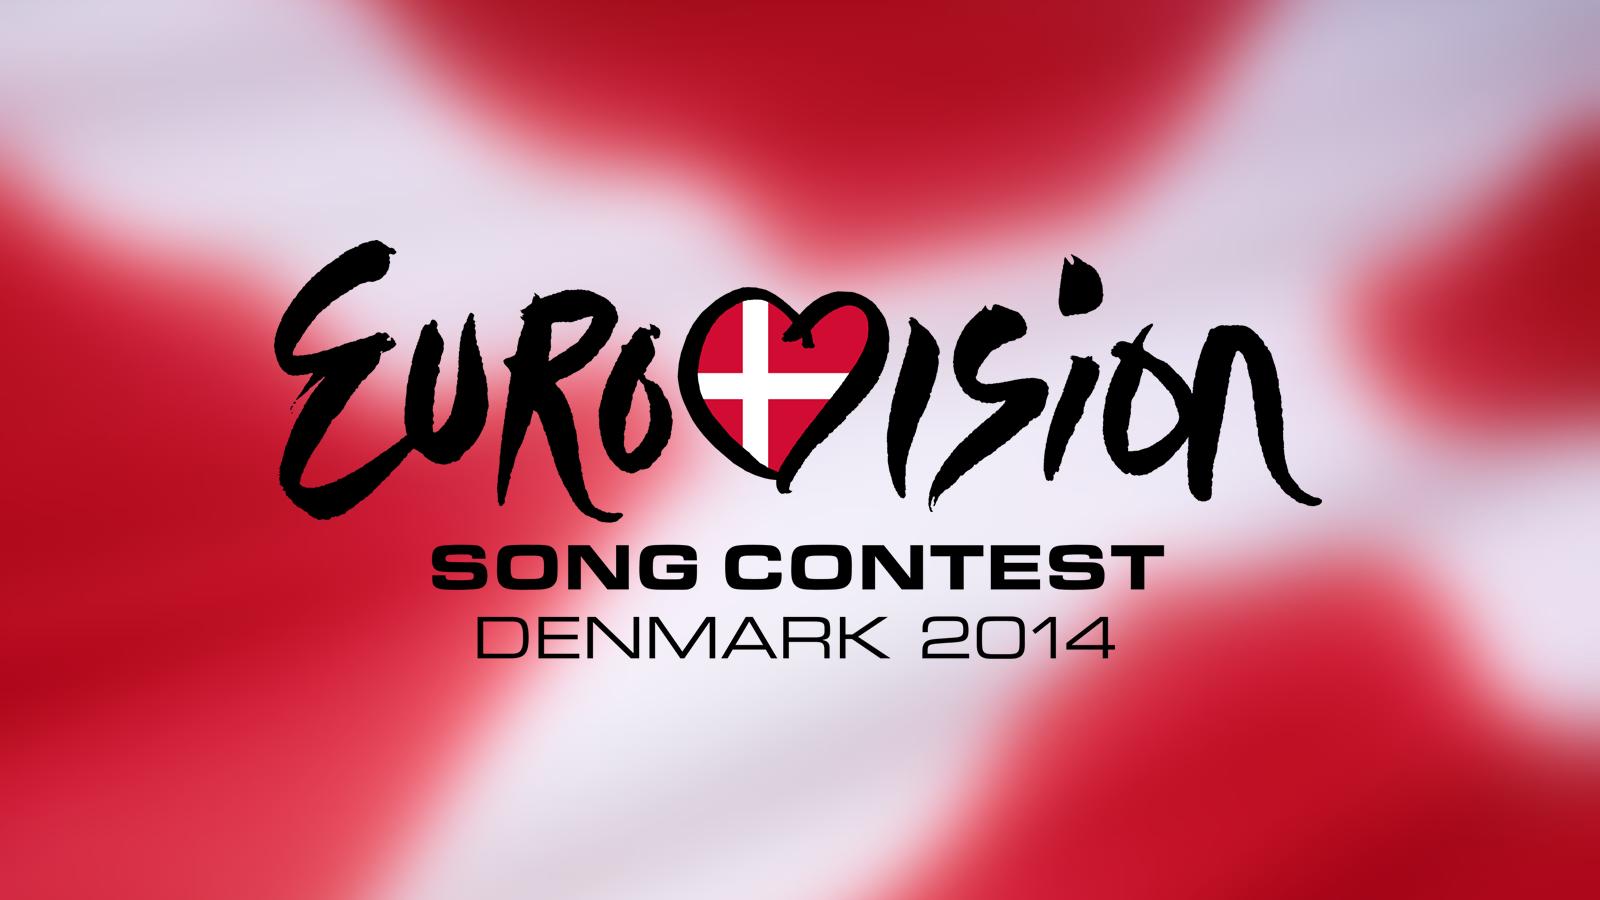 Encuesta >> ¿A quién te gustaría ver en Eurovision 2014? Eurovision-2014-Denmark1